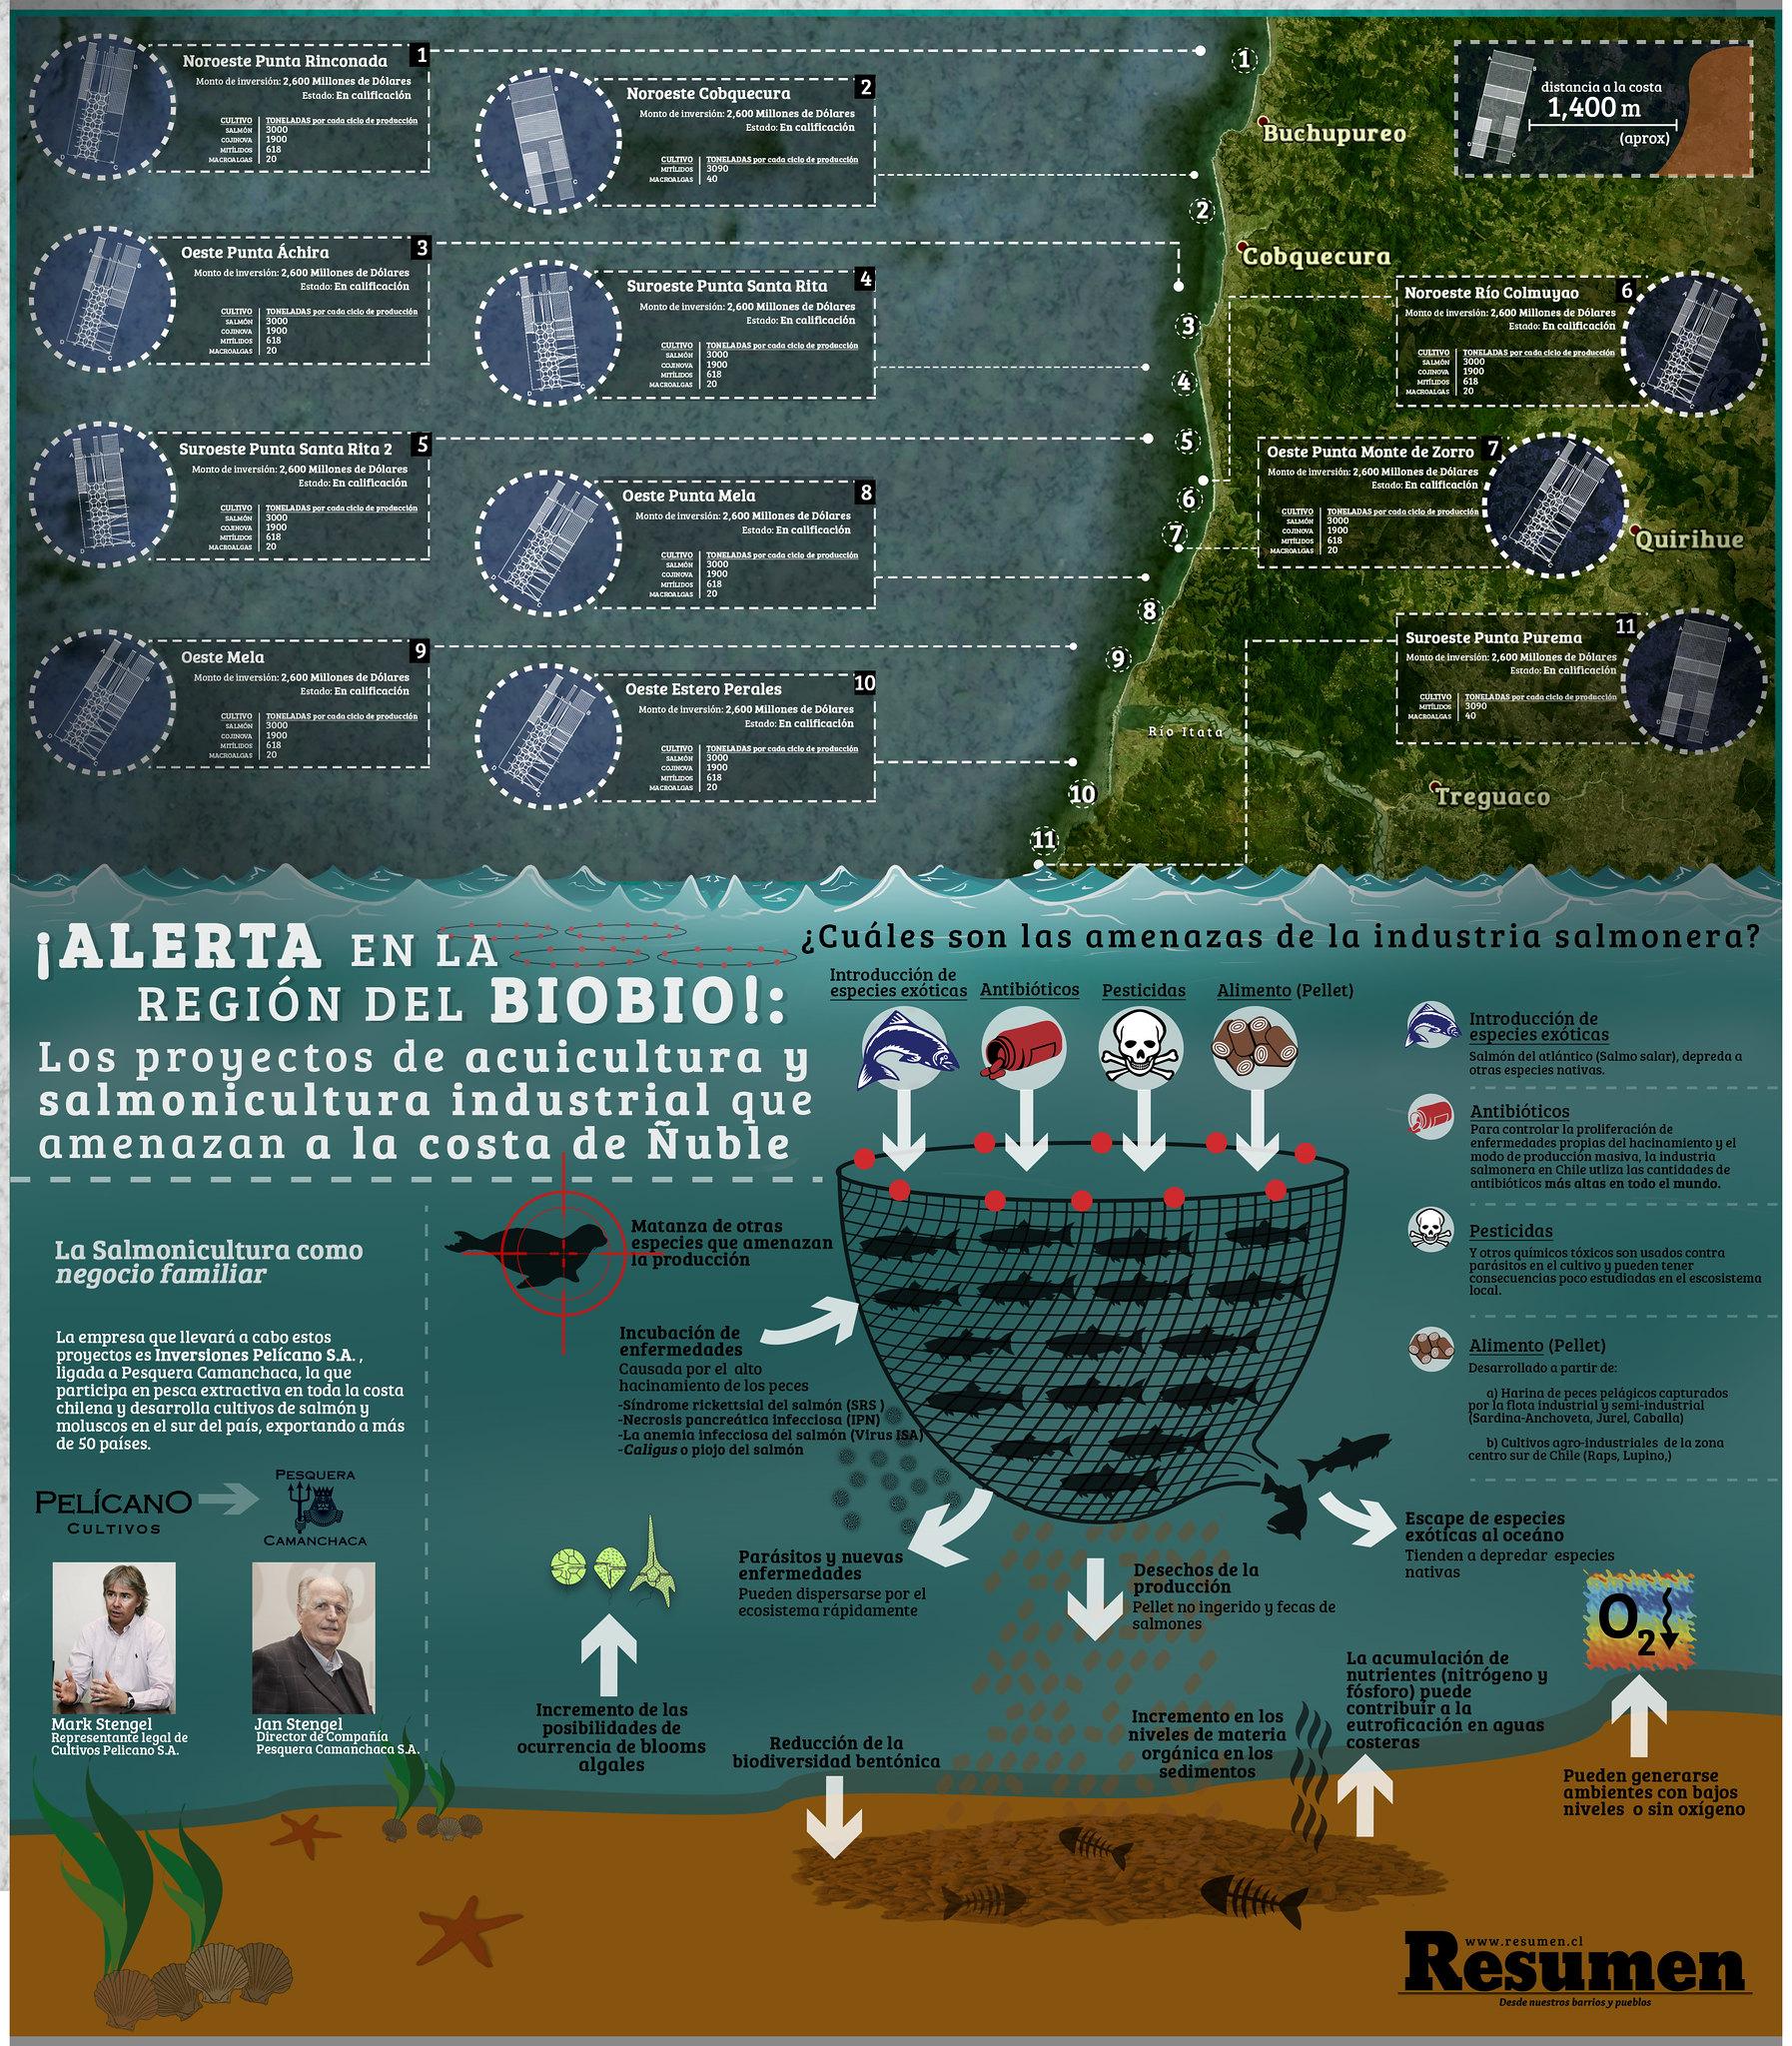 Proyectos de acuicultura industrial en la costa de Ñuble